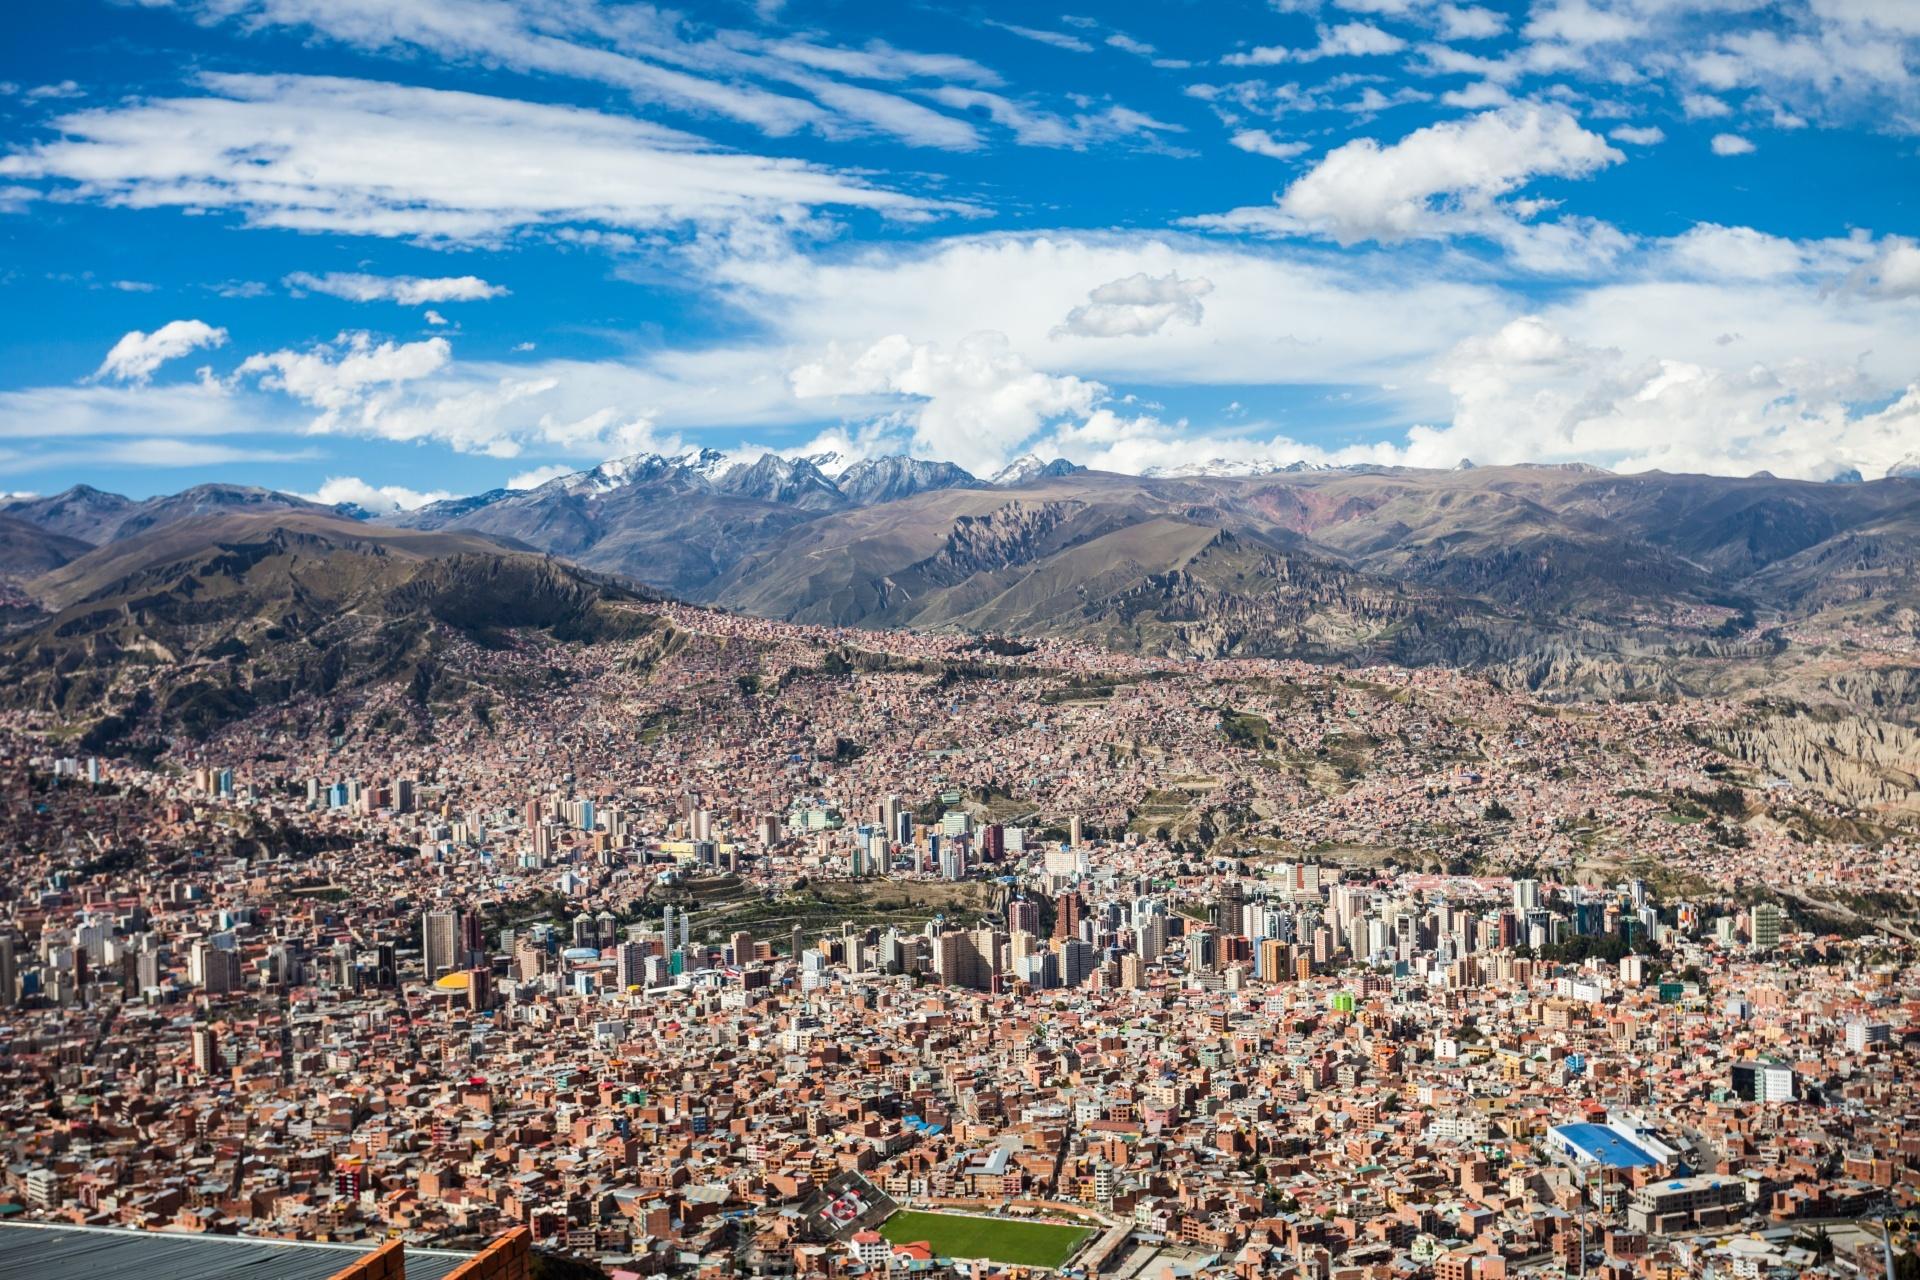 ラパスのパノラマ風景 ボリビアの風景